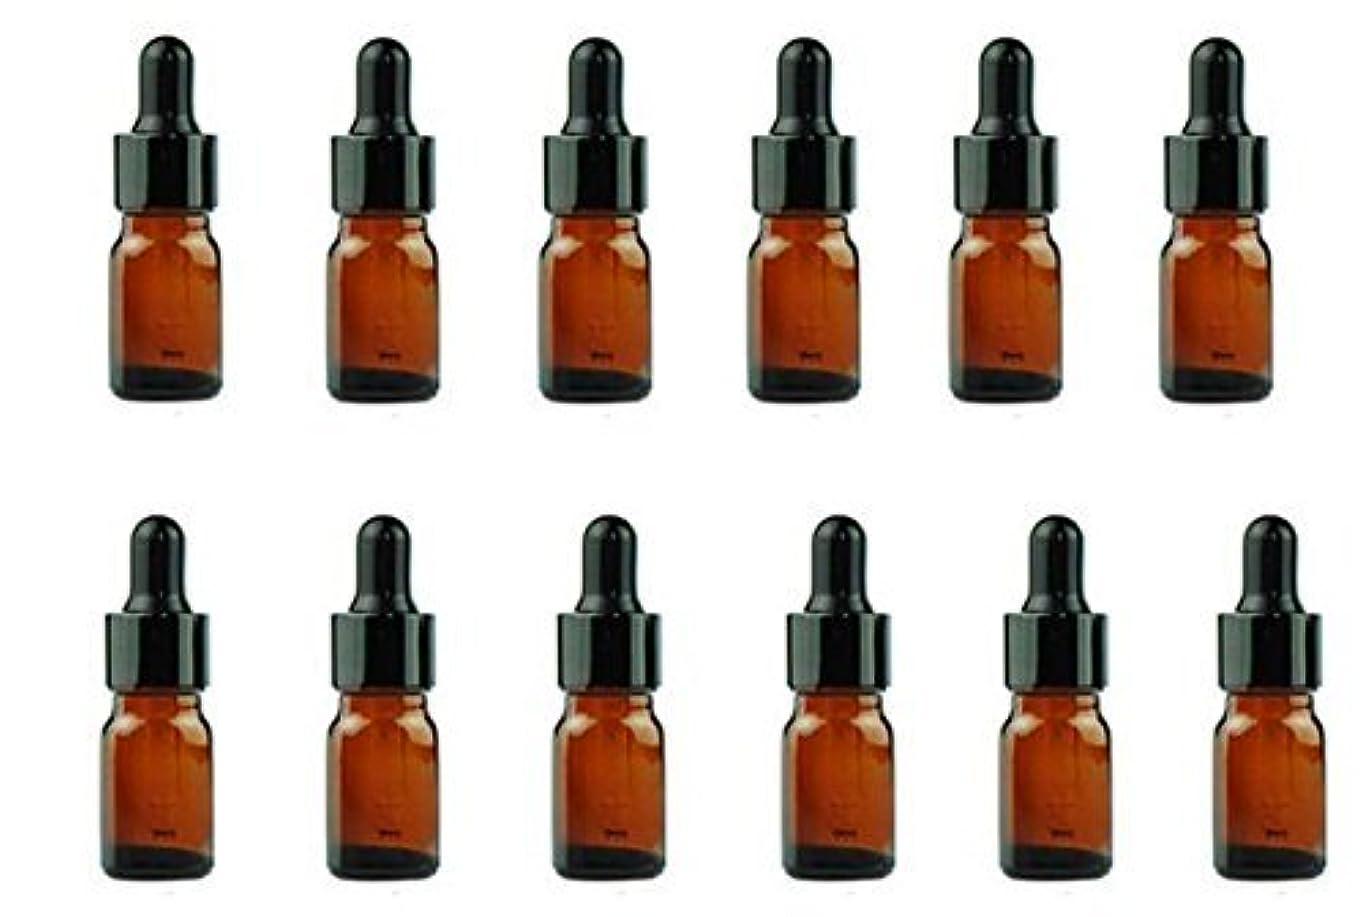 反対した年金受給者財布12PCS Amber Empty Refillable Glass Eye Dropper Bottles With Black Dropping Cap Makeup Cosmetic Essential Oil Sample...